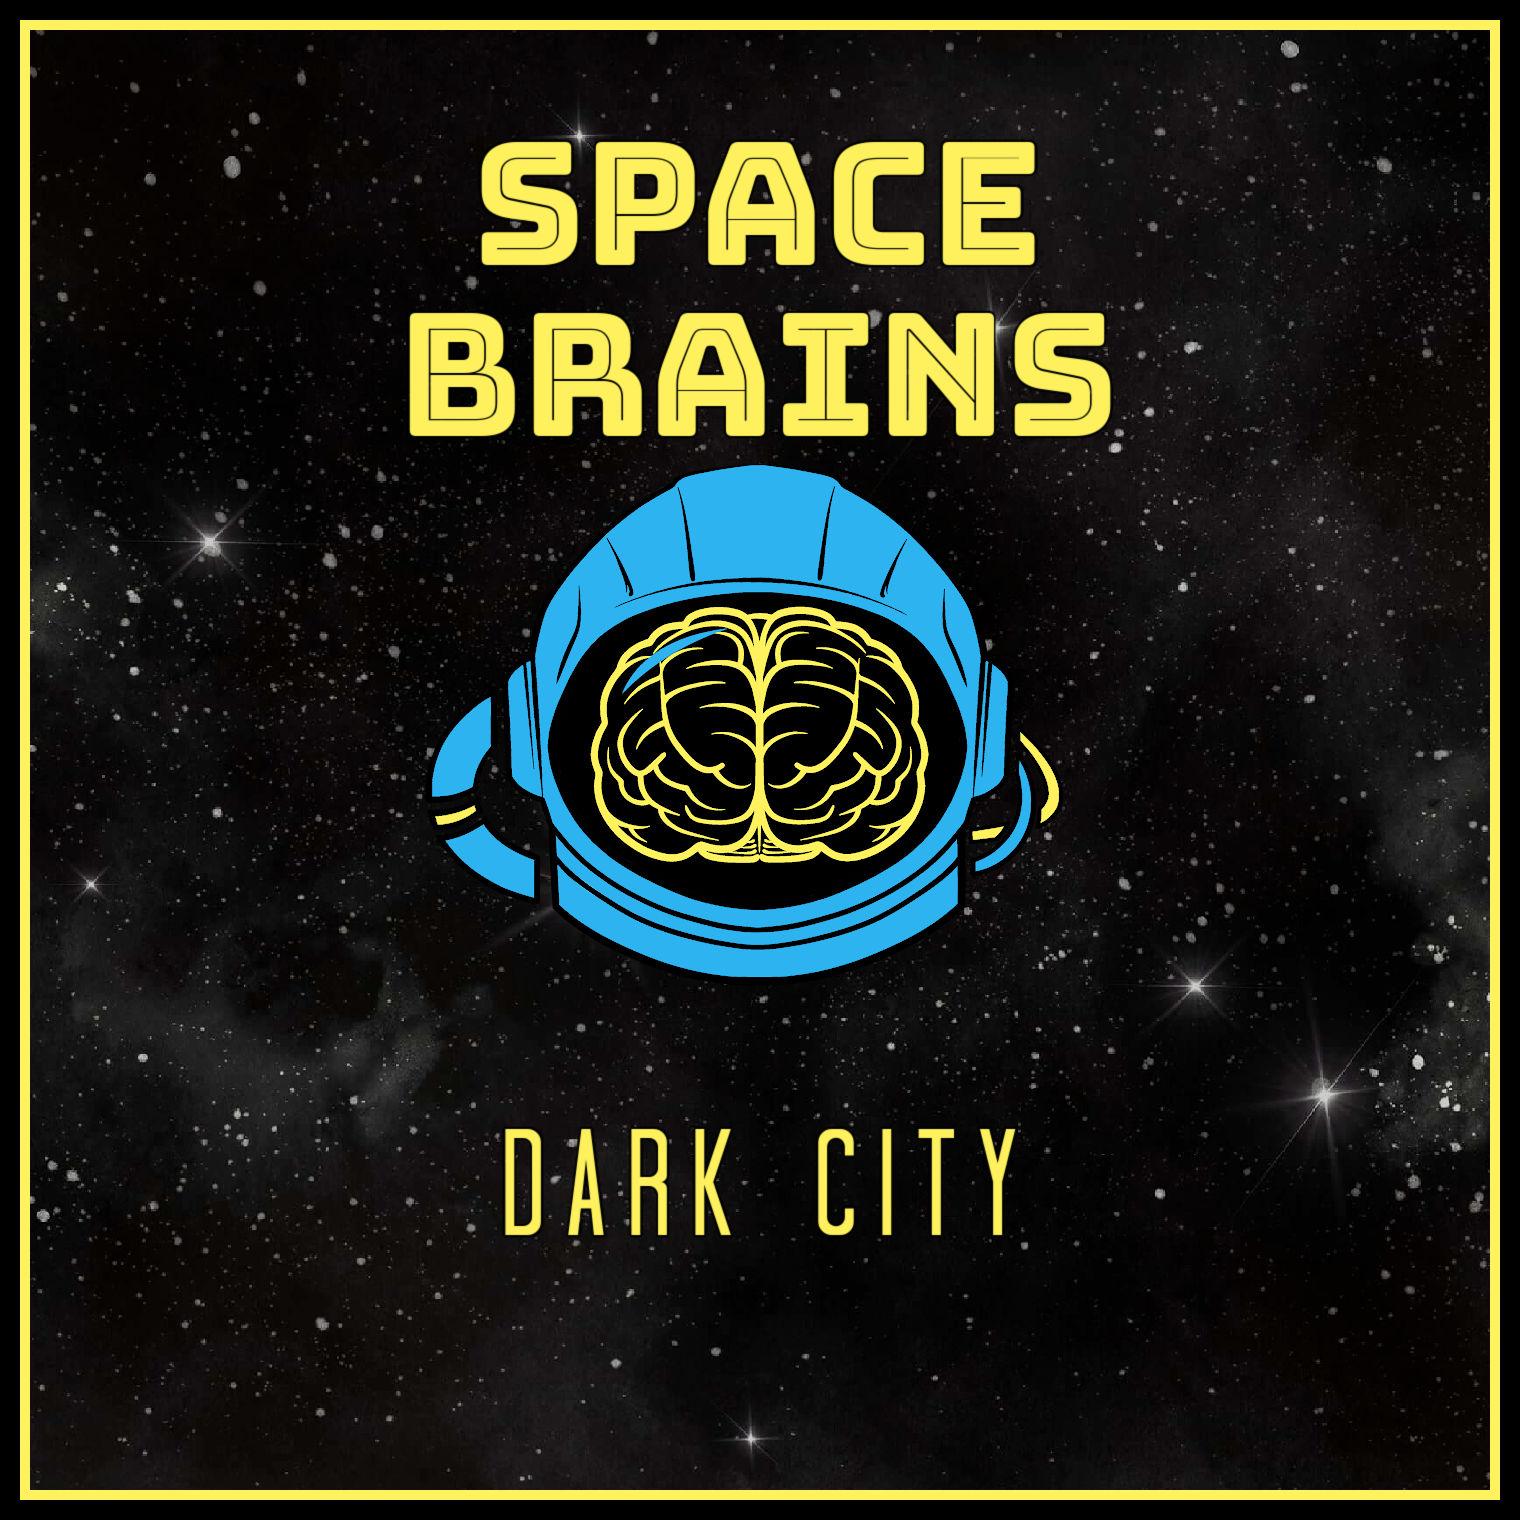 Space Brains - 61 - Dark City